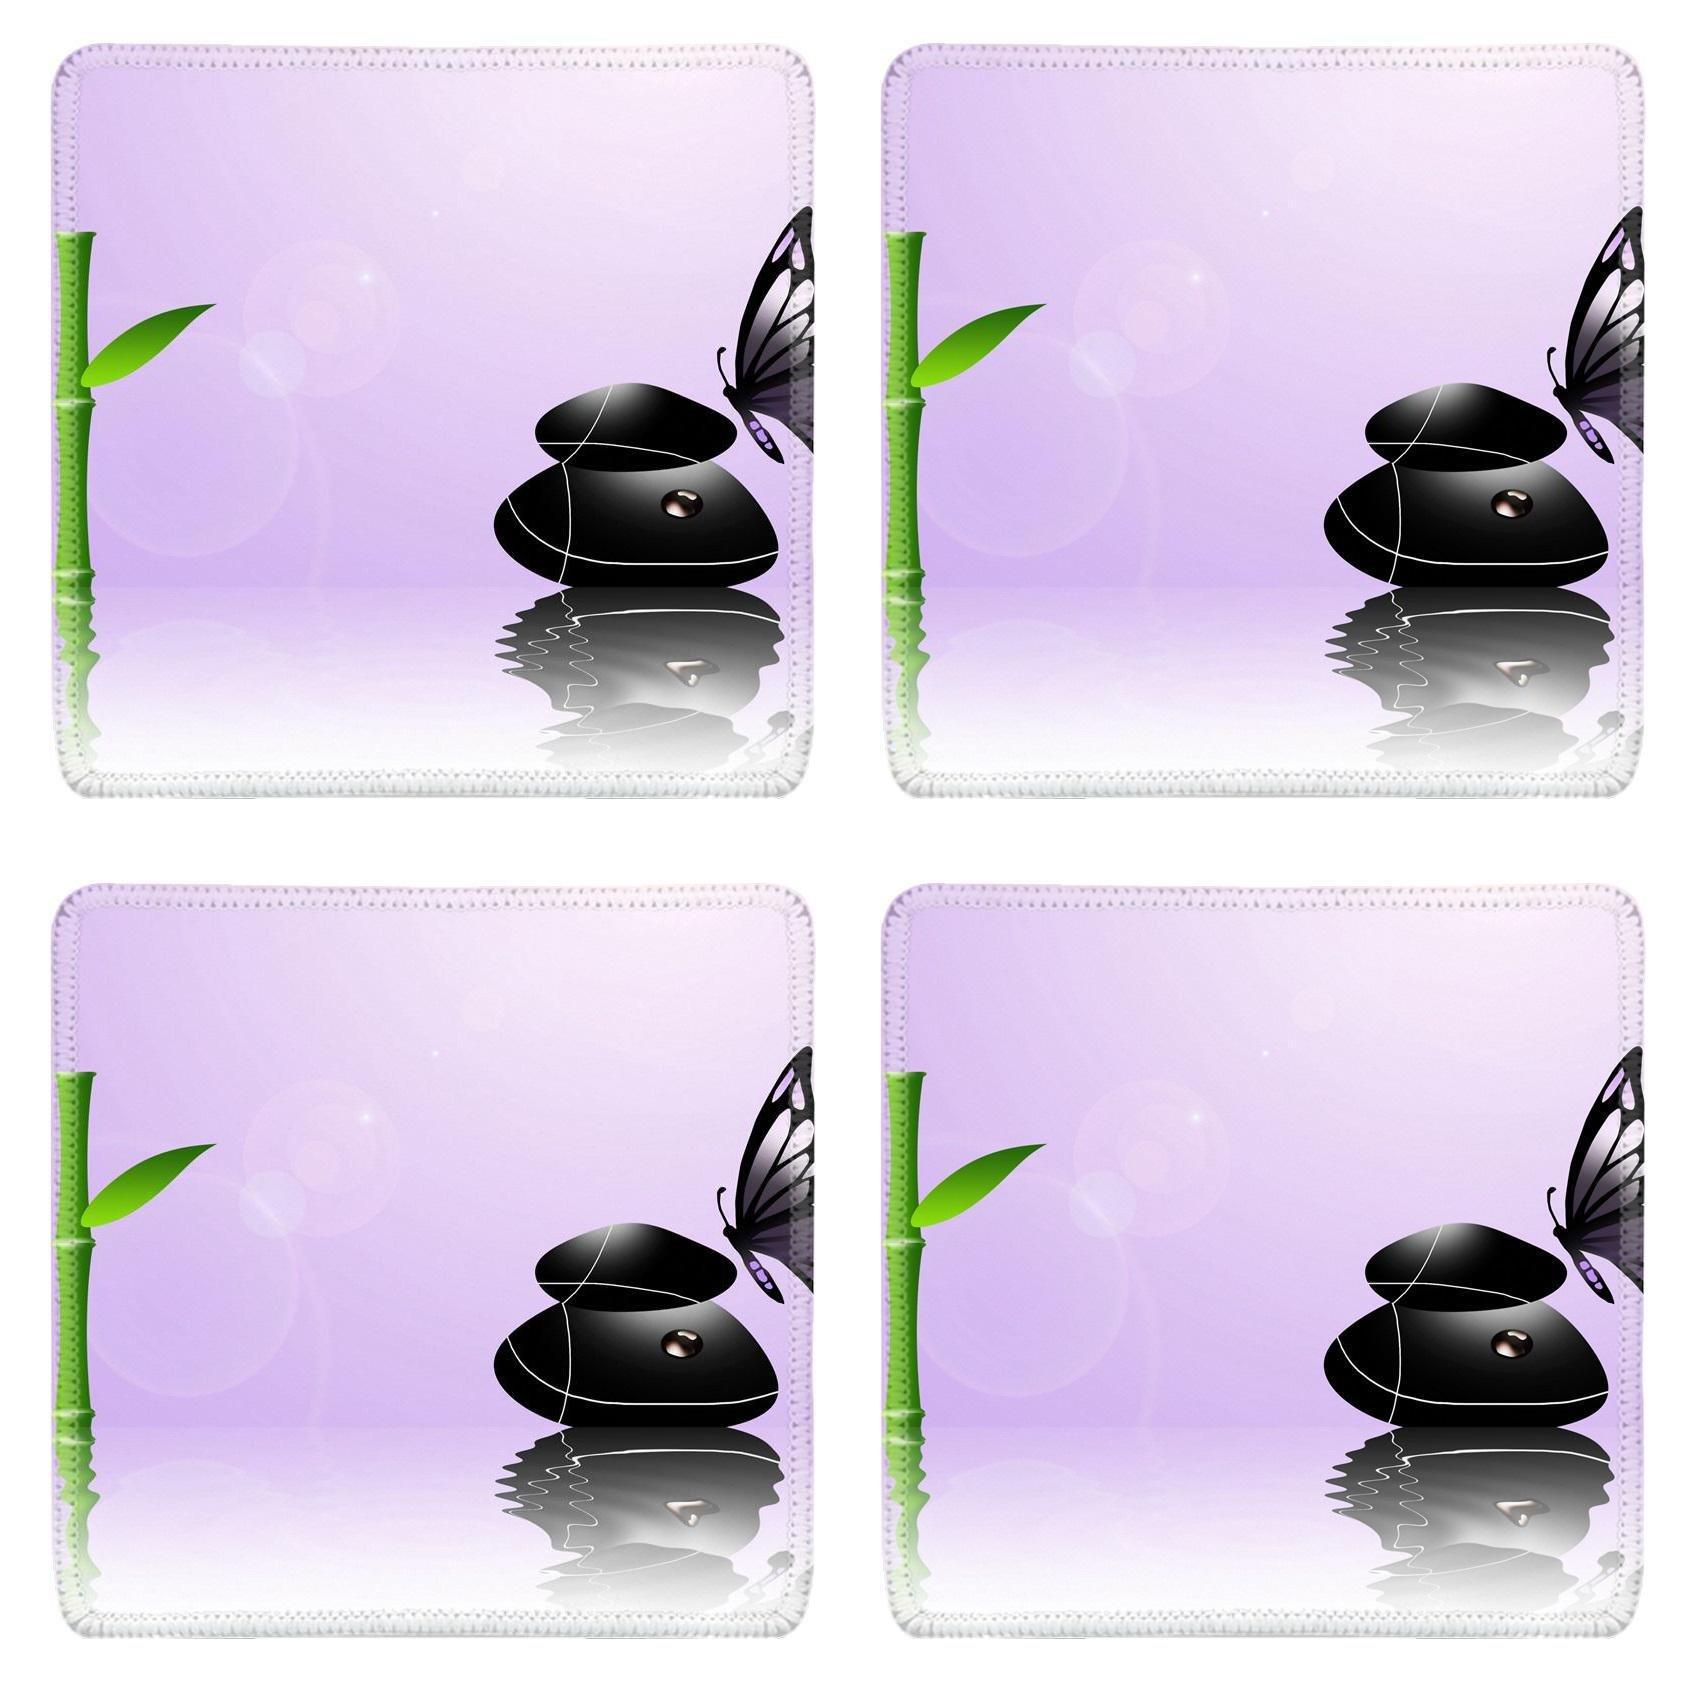 MSD Square Coasters Non-Slip Natural Rubber Desk Coasters design 20583575 Spa Background